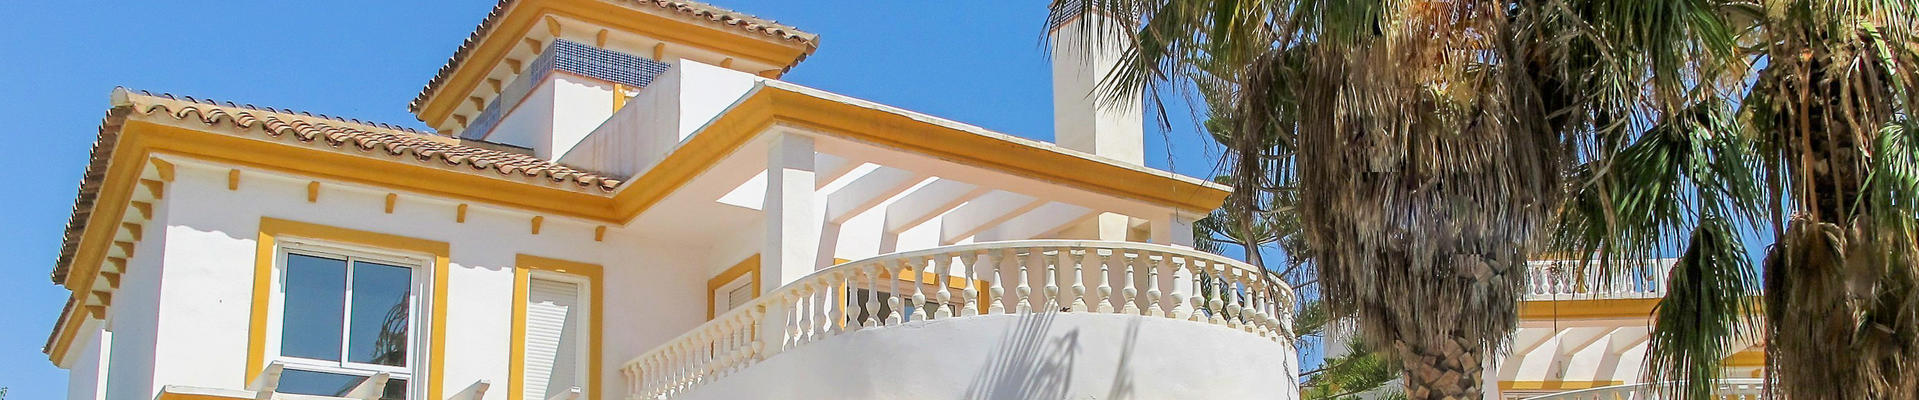 DV1360: 5 Bedroom Villa for Sale